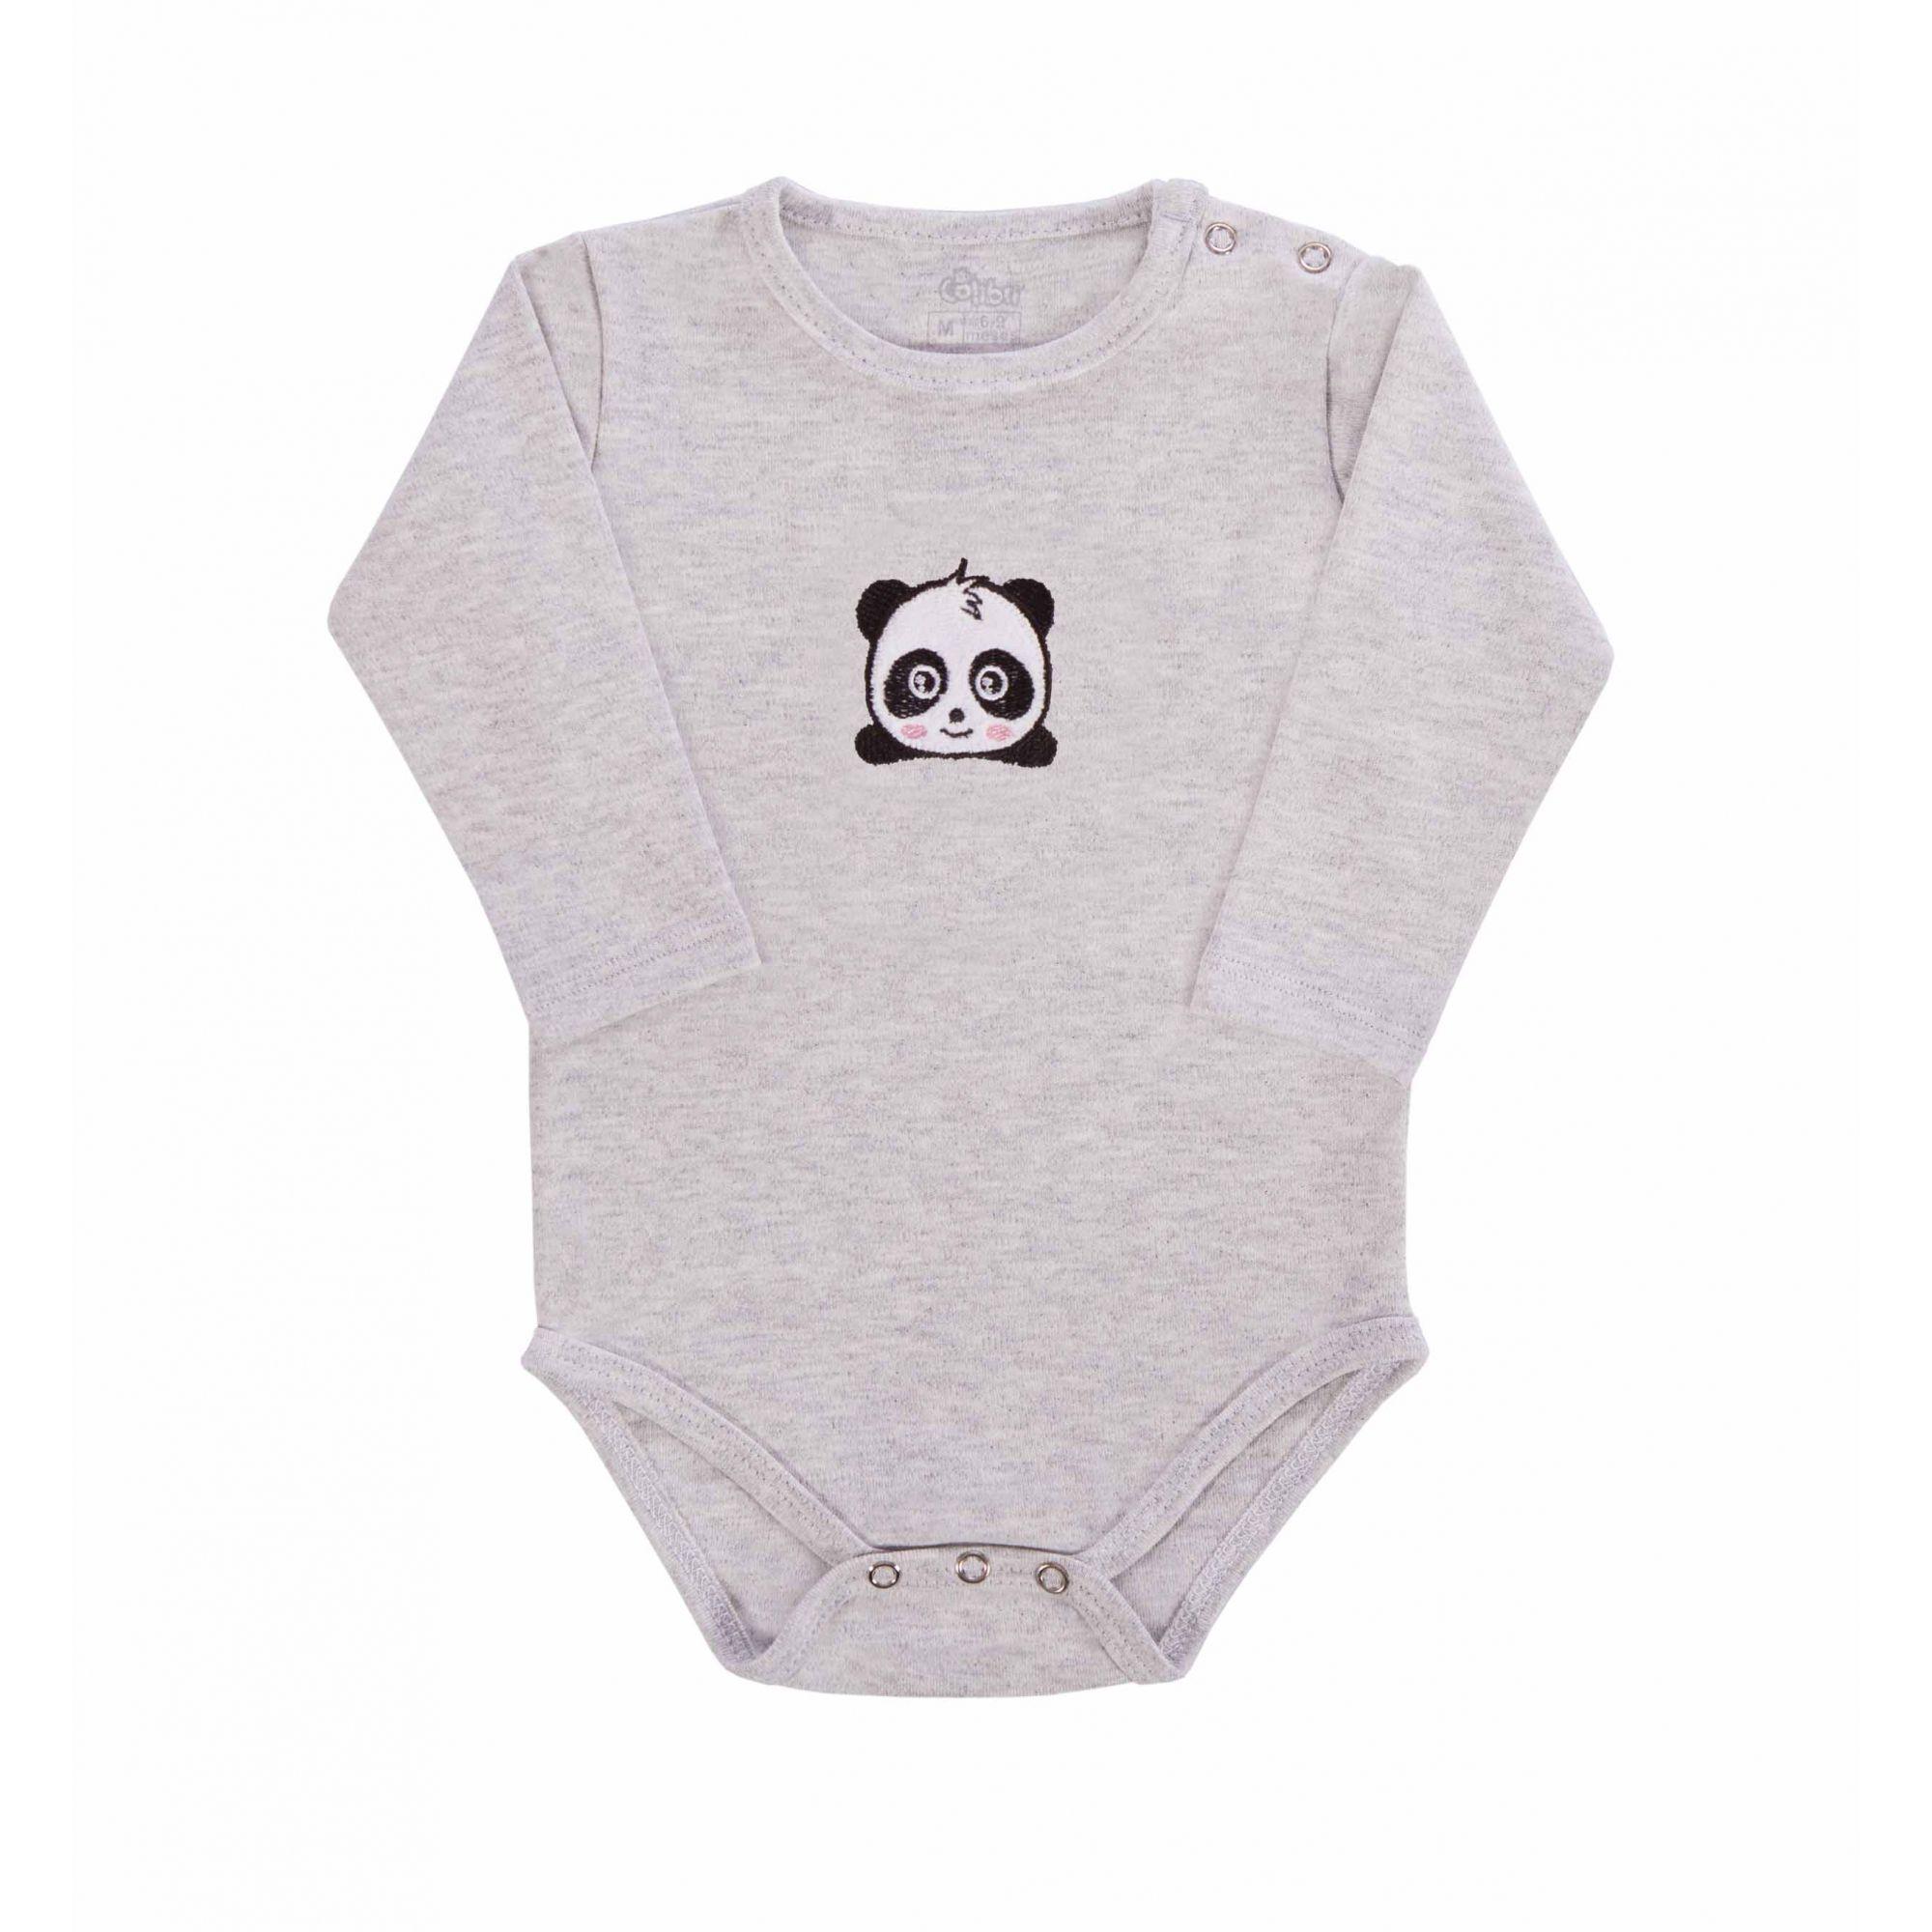 Kit 3 Peças - Body Touca e Luva Panda